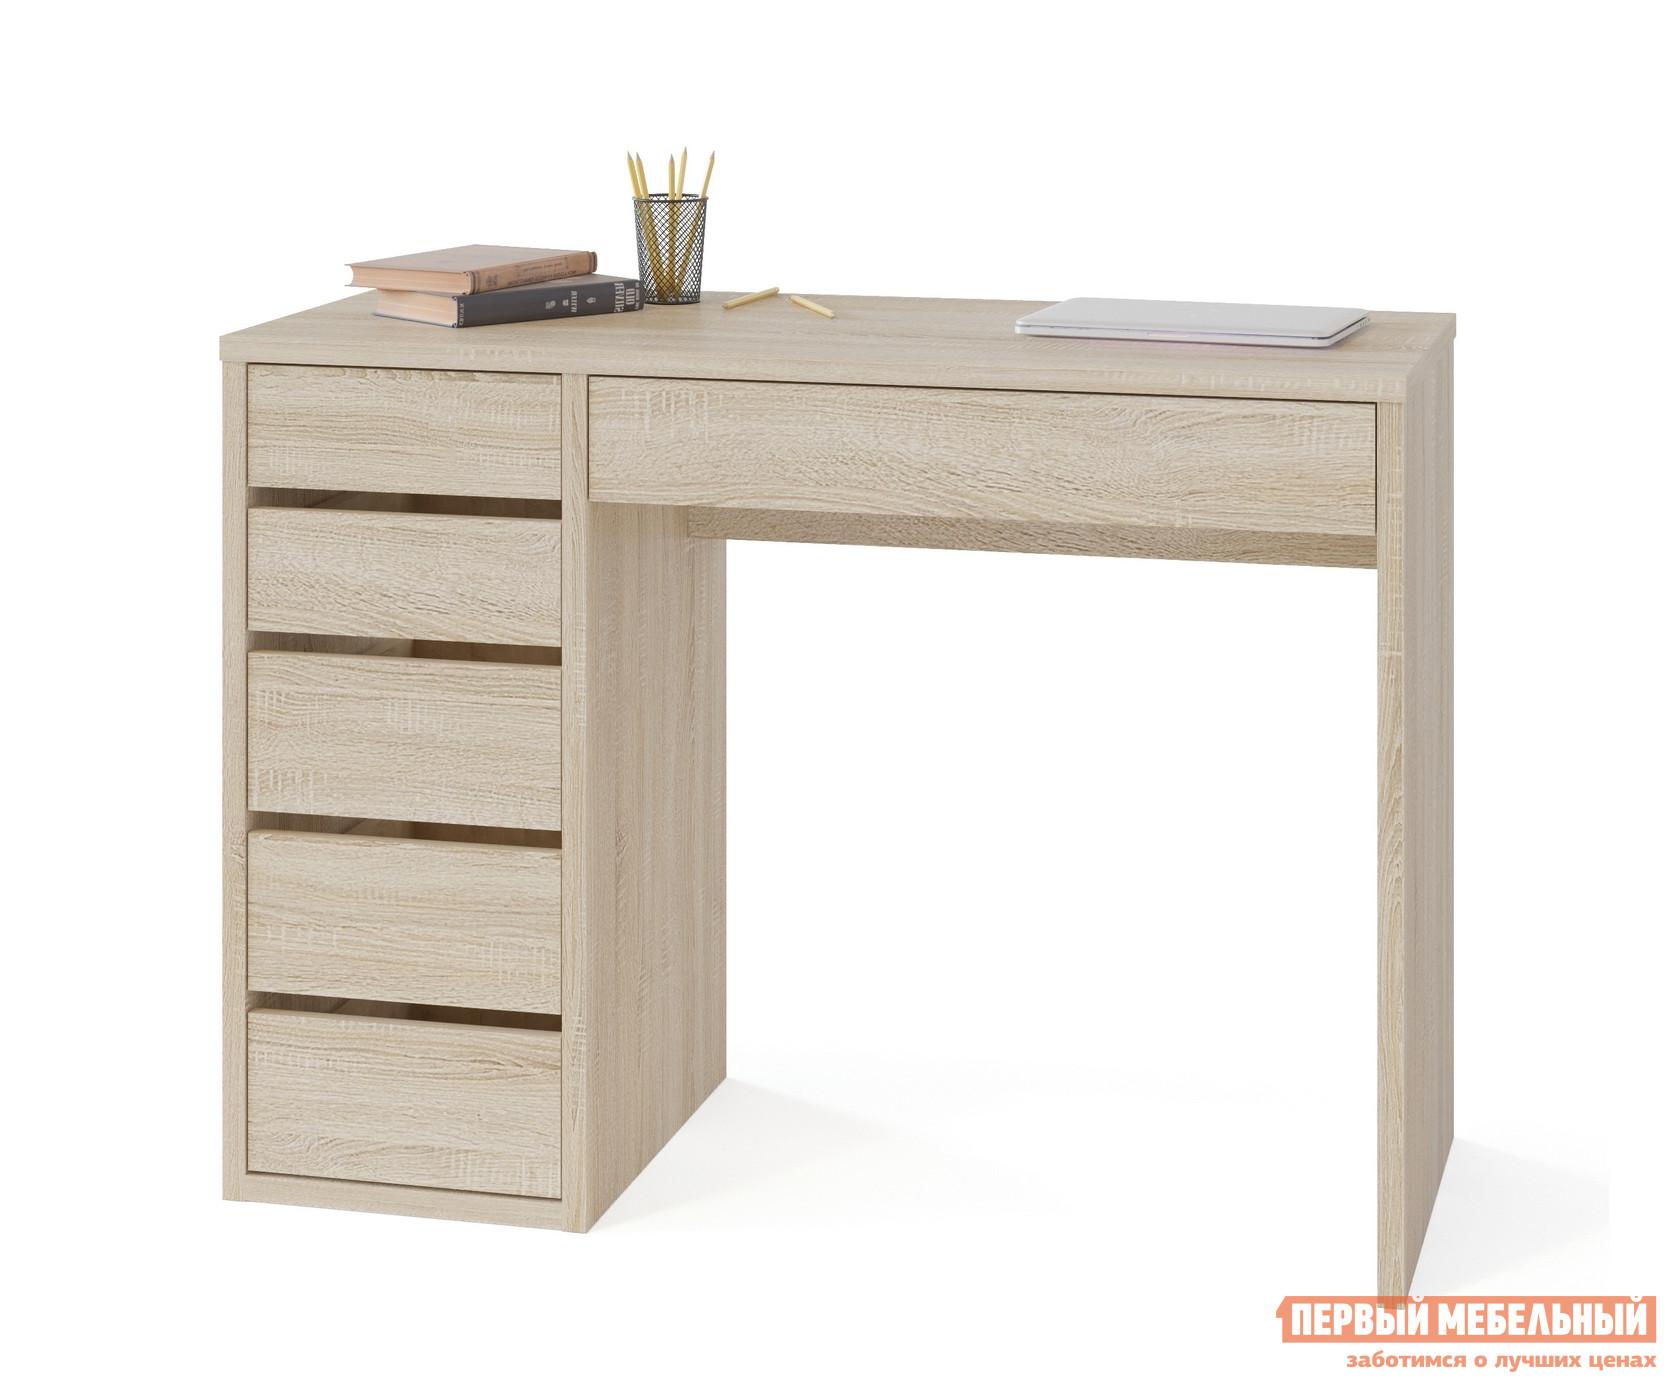 Письменный стол Тайга СПм-10 Дуб Сонома, ПравыйПисьменные столы<br>Габаритные размеры ВхШхГ 769x1050x446 мм. Небольшой письменный стол в модном белом цвете или в классическом темном исполнении.  Модель стильно разнообразит любой интерьер и поможет организовать удобную рабочую зону как в квартире, так и в офисе. При своей лаконичности и компактных размерах стол функционален и практичен.  На столешнице шириной 1050 мм разместятся и ноутбук, и необходимые в работе материалы.  Под столешницей есть выдвижная ниша для необходимых под рукой мелочей, а также за нишей скрыта полка под пилот, от которой через отверстие в столешнице можно вывести провода к технике.  Кроме того, стол дополнен тумбой с пятью ящиками, верхние два — поменьше, нижние — побольше.  Продуманные зазоры между ящиками позволяют отказаться от привычных ручек и делают стол современным: чтобы открыть ящик нужно все лишь потянуть за фасад.  В ящиках используются шариковые направляющие полного выдвижения, а это значит, что:можно увидеть все содержимое ящика;ящики будут выдвигаться плавно и практически бесшумно;нагрузка на ящик будет распределена равномерно за счет раскатывающихся шариков. Внутренний размер ящиков у тумбы составляет 252 х 346 мм, в них поместятся документы А4, папки и канцелярия.  Внутренний размер ниши под столешницей — 646 х 346 мм. Обратите внимание! Стол может быть правой или левой ориентации: определяется по расположению тумбы.  Для оформления заказа необходимо выбрать нужный вариант. Стол изготавливается из ЛДСП толщиной 22 и 16 мм, края обработаны кромкой ПВХ 2 и 0,4 мм.<br><br>Цвет: Светлое дерево<br>Высота мм: 769<br>Ширина мм: 1050<br>Глубина мм: 446<br>Кол-во упаковок: 1<br>Форма поставки: В разобранном виде<br>Срок гарантии: 2 года<br>Тип: Прямые<br>Материал: Дерево<br>Материал: ЛДСП<br>Размер: Маленькие<br>С ящиками: Да<br>Без надстройки: Да<br>С тумбой: Да<br>Стиль: Современный